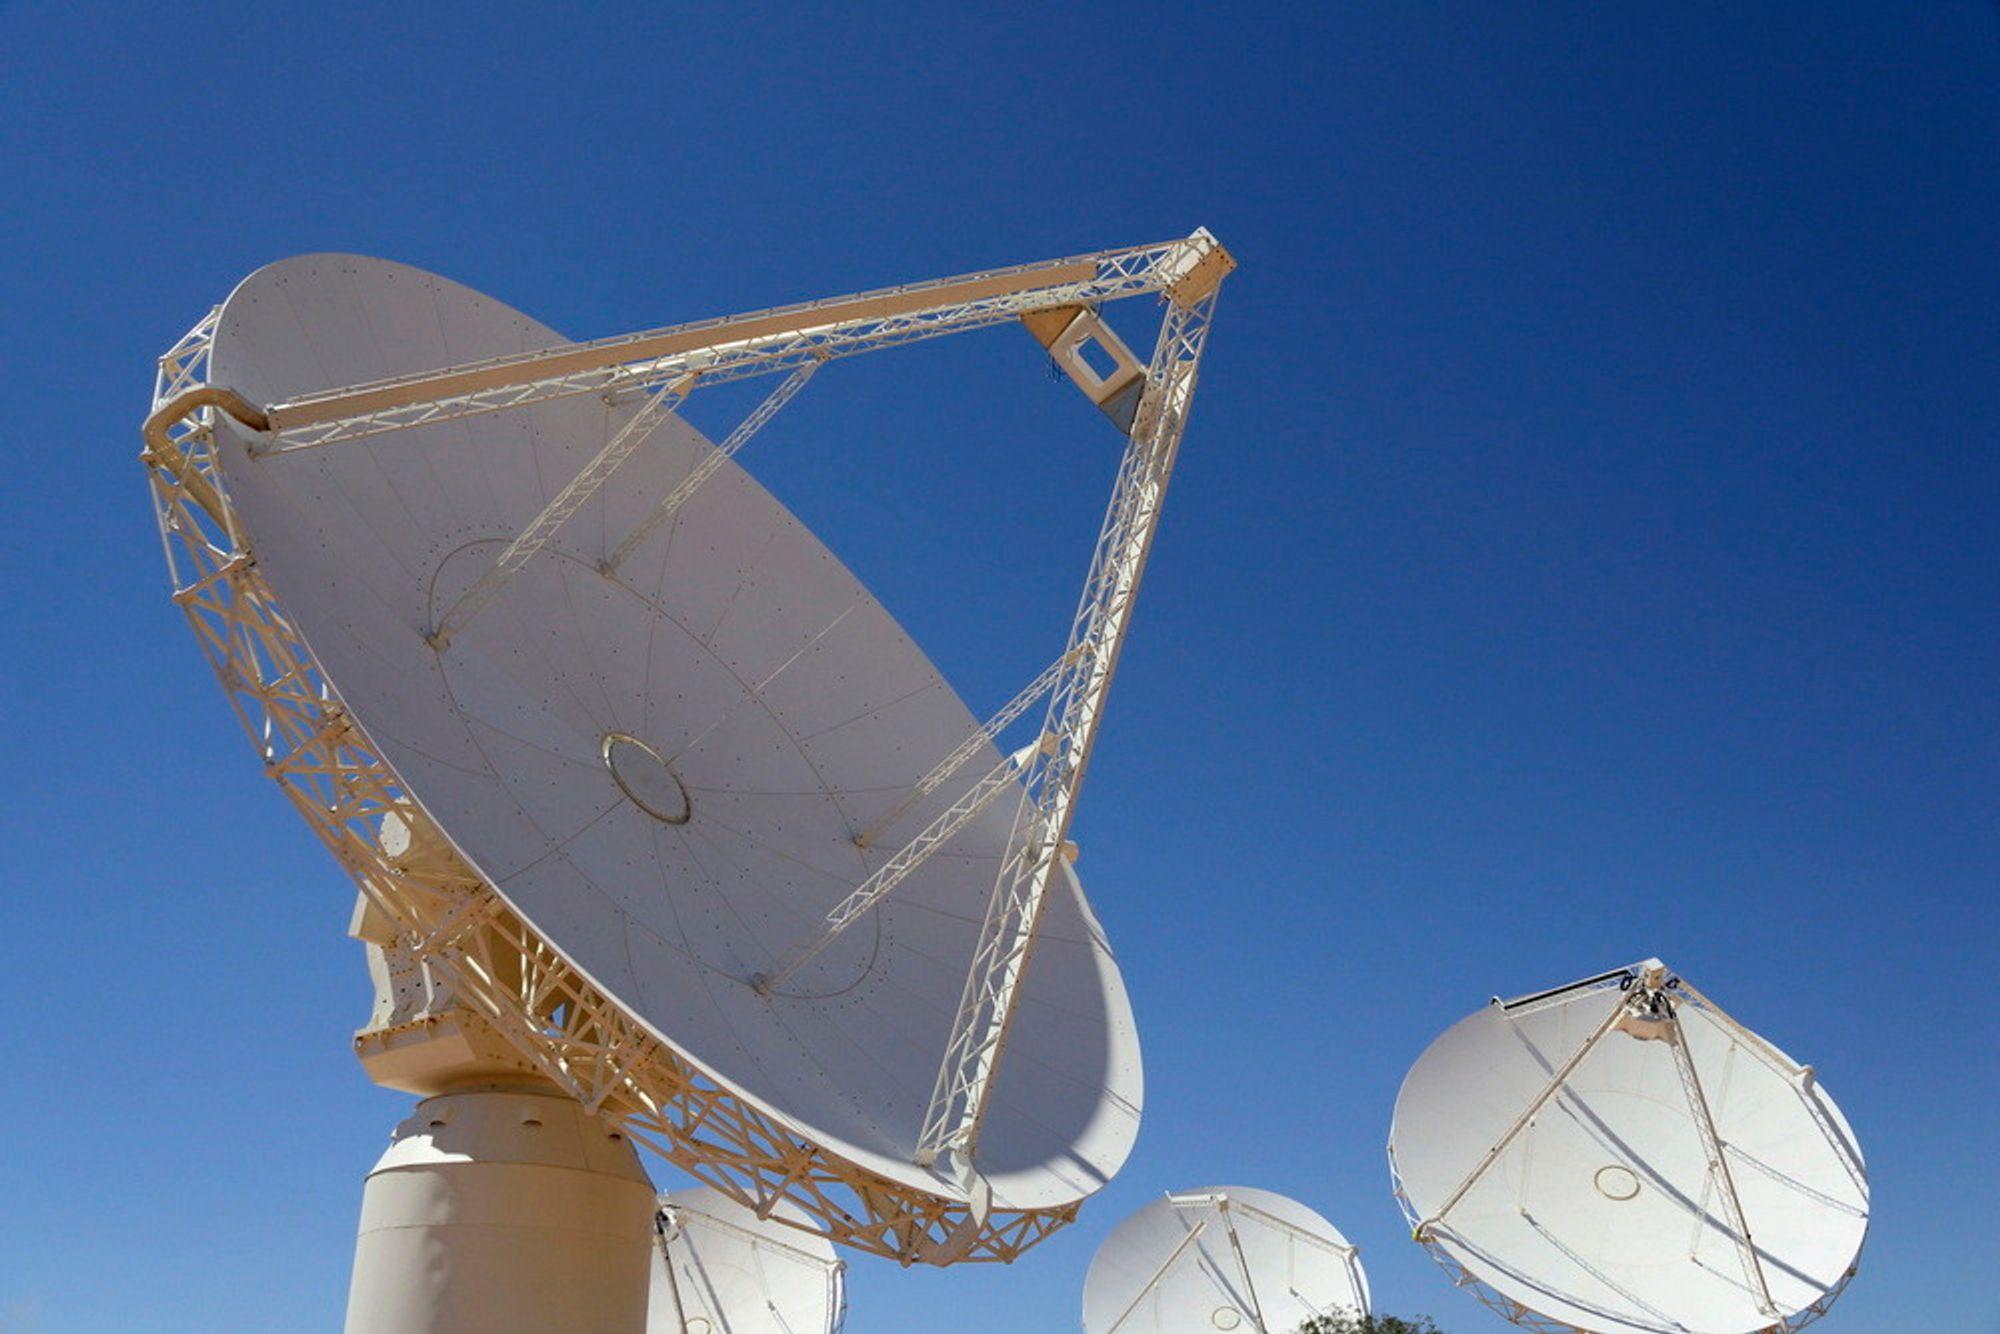 ENORMT: Gigantiske parabolantenner rettes mot himmelen ved Murchison nord for Perth i det vestlige Australia. Fredag ble 36 slike antenner, hver med en diameter på 12 meter, satt i drift som ledd i et prosjekt som skal skaffe forskere ny kunnskap.